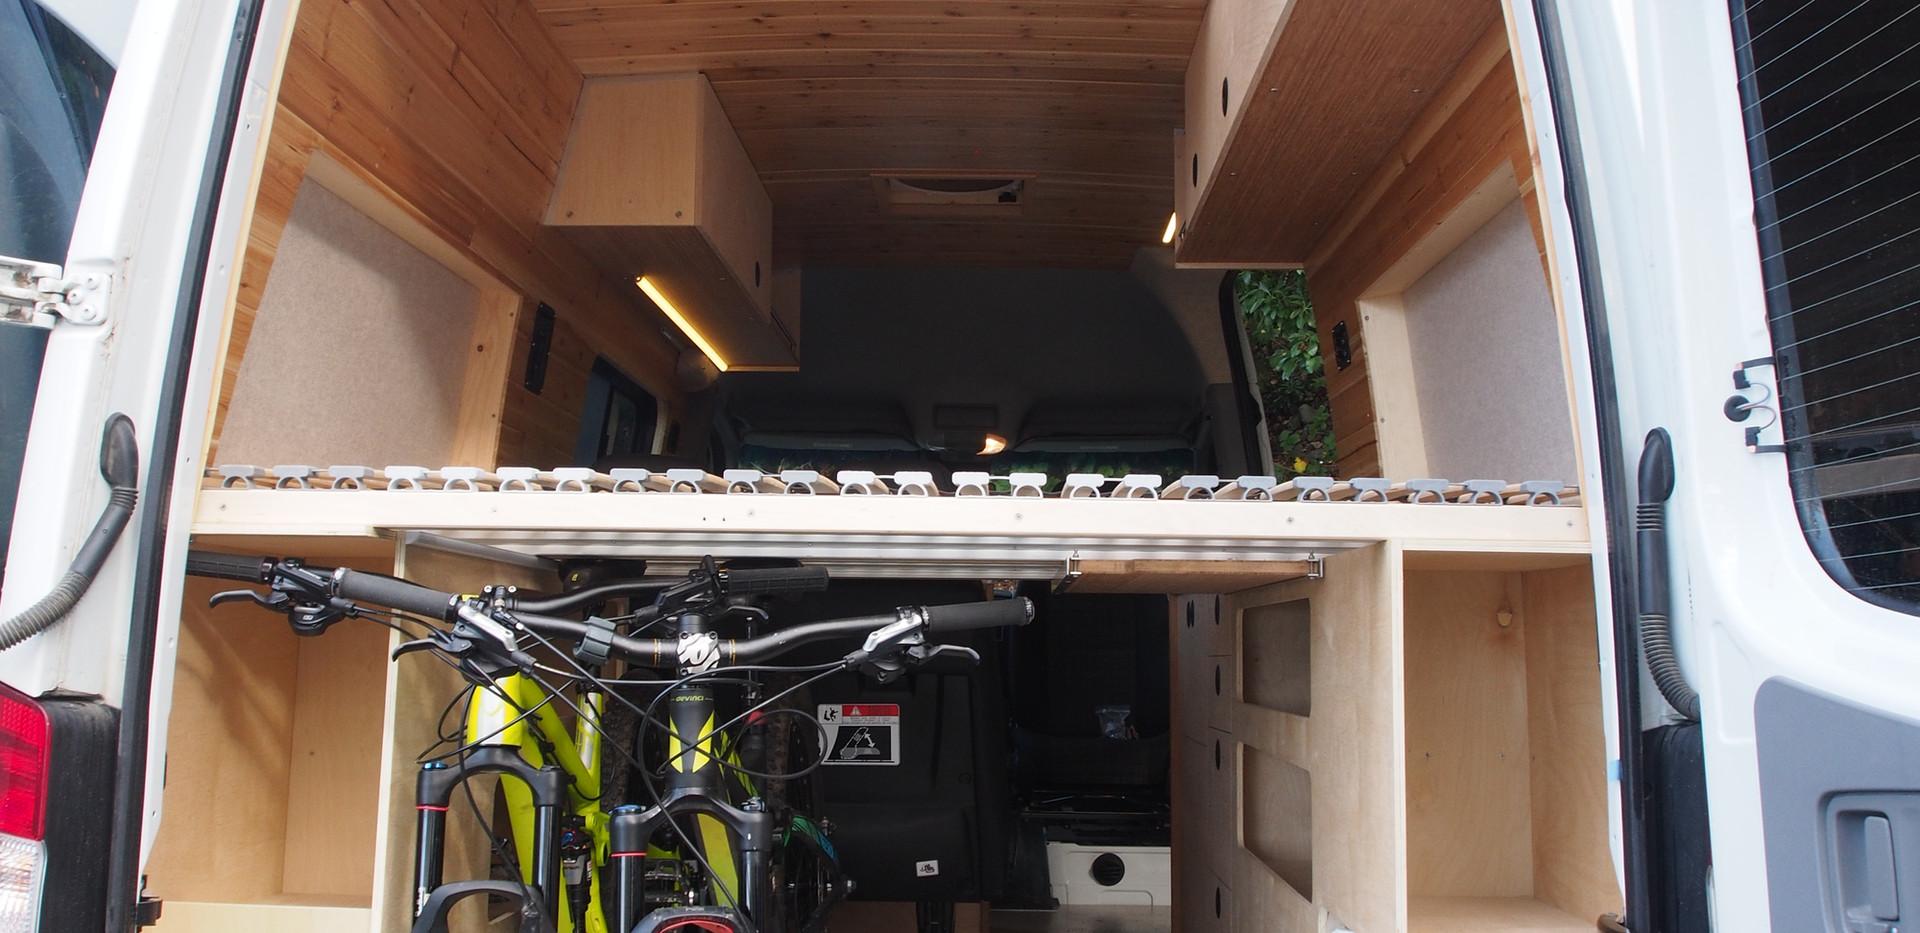 Bike storage under the bed